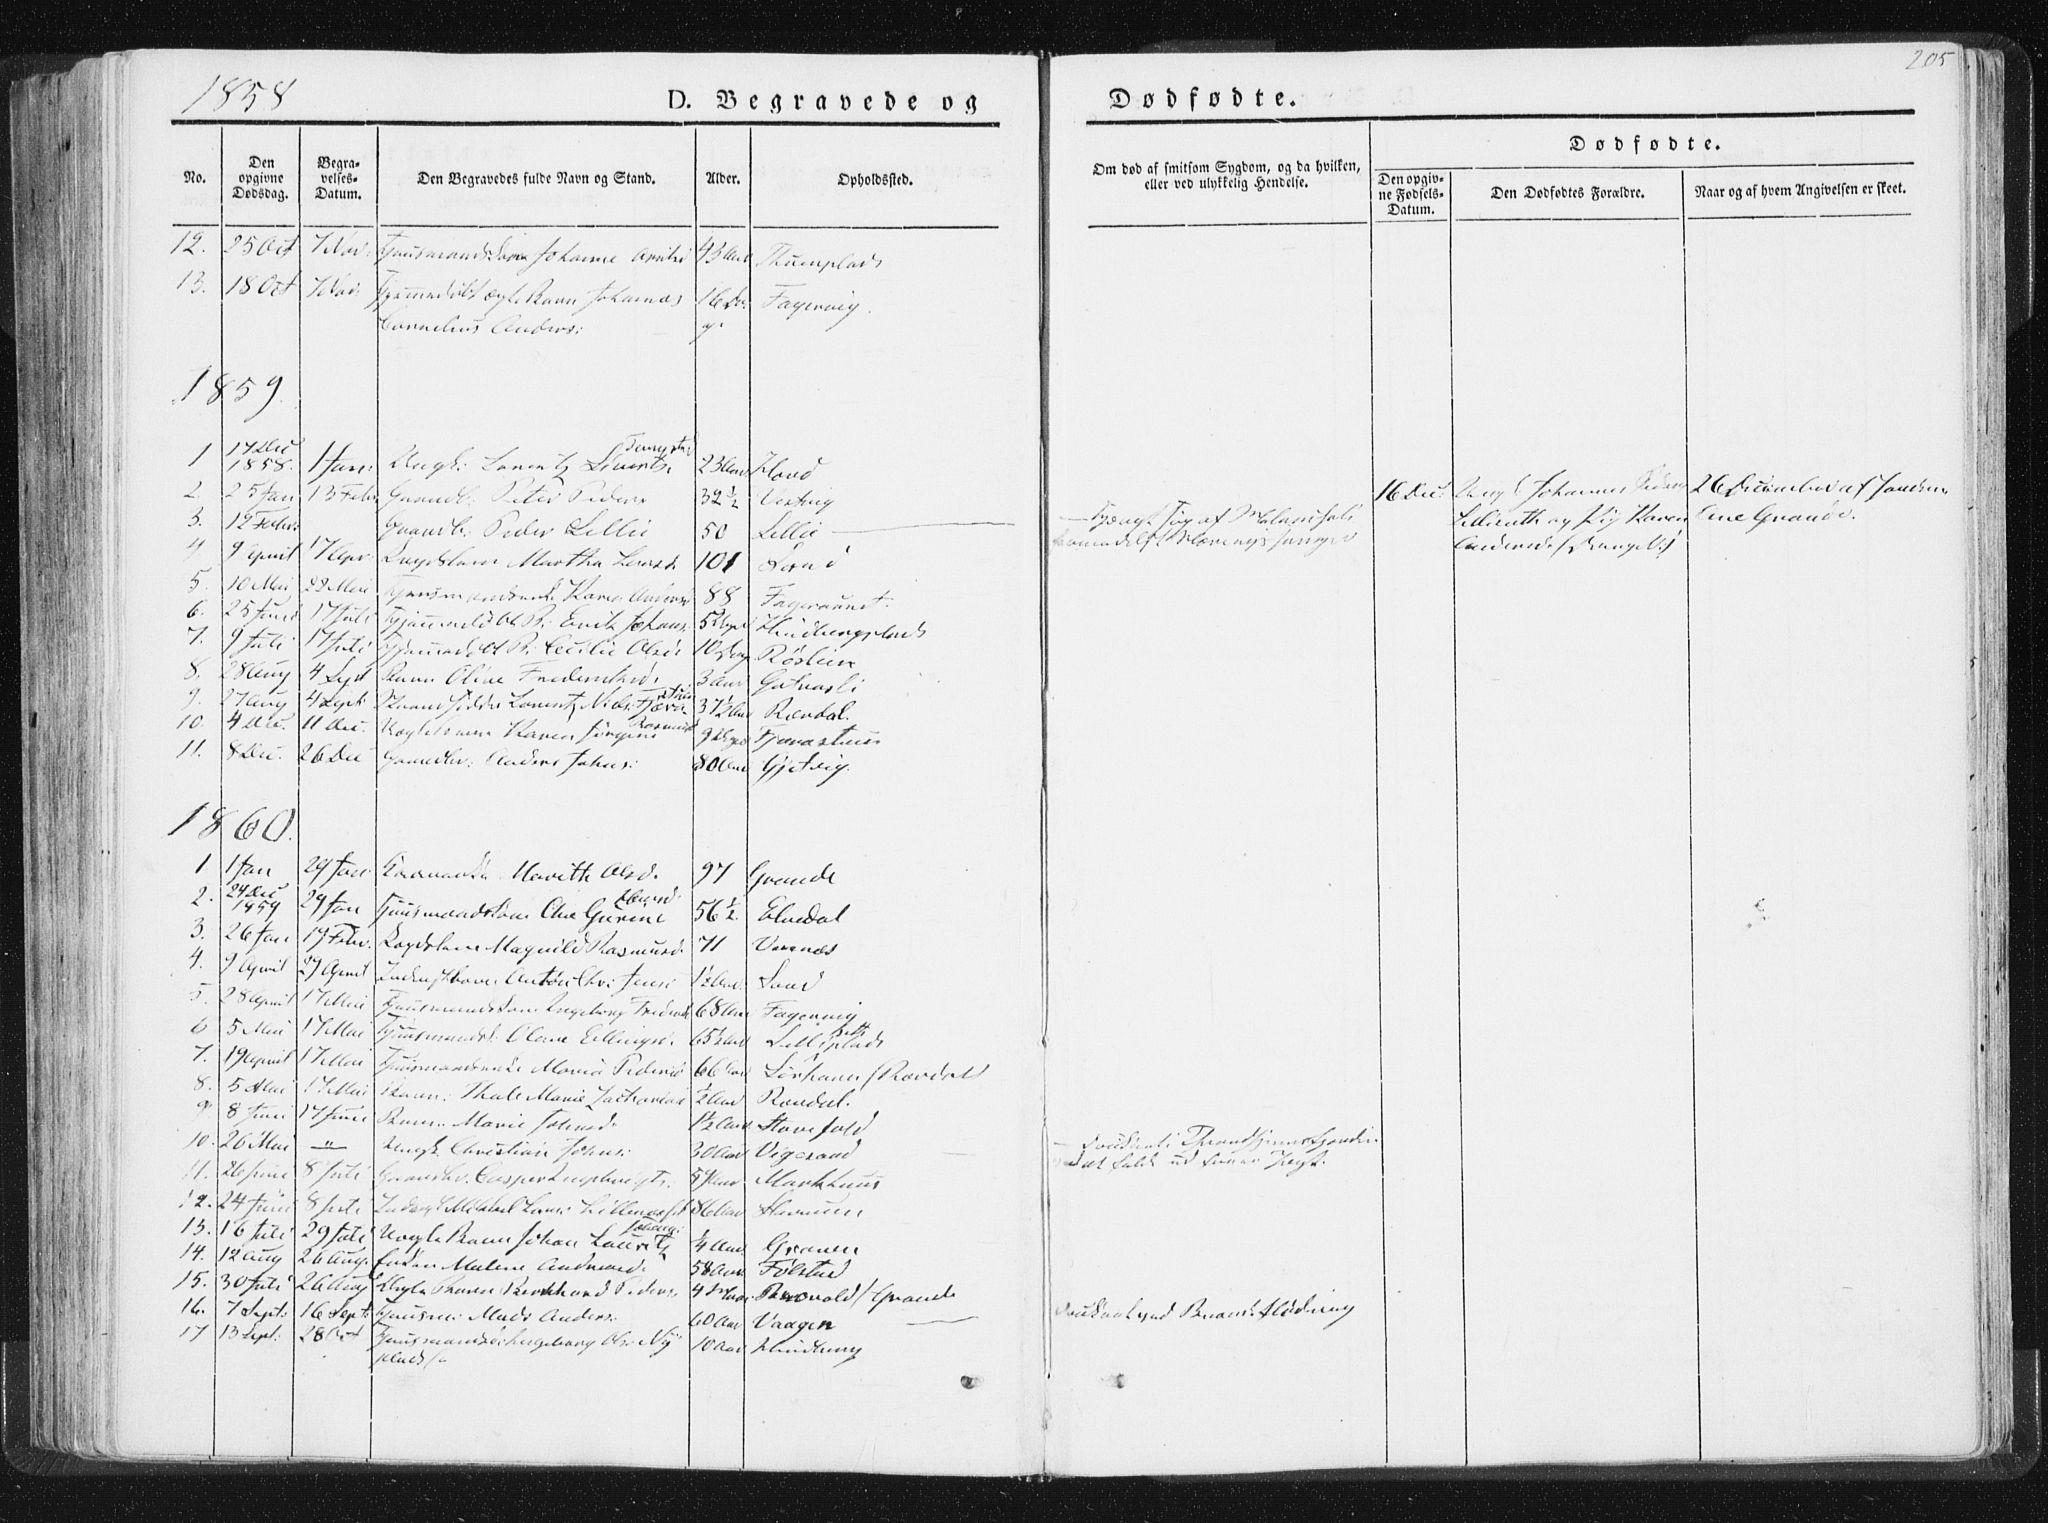 SAT, Ministerialprotokoller, klokkerbøker og fødselsregistre - Nord-Trøndelag, 744/L0418: Ministerialbok nr. 744A02, 1843-1866, s. 205